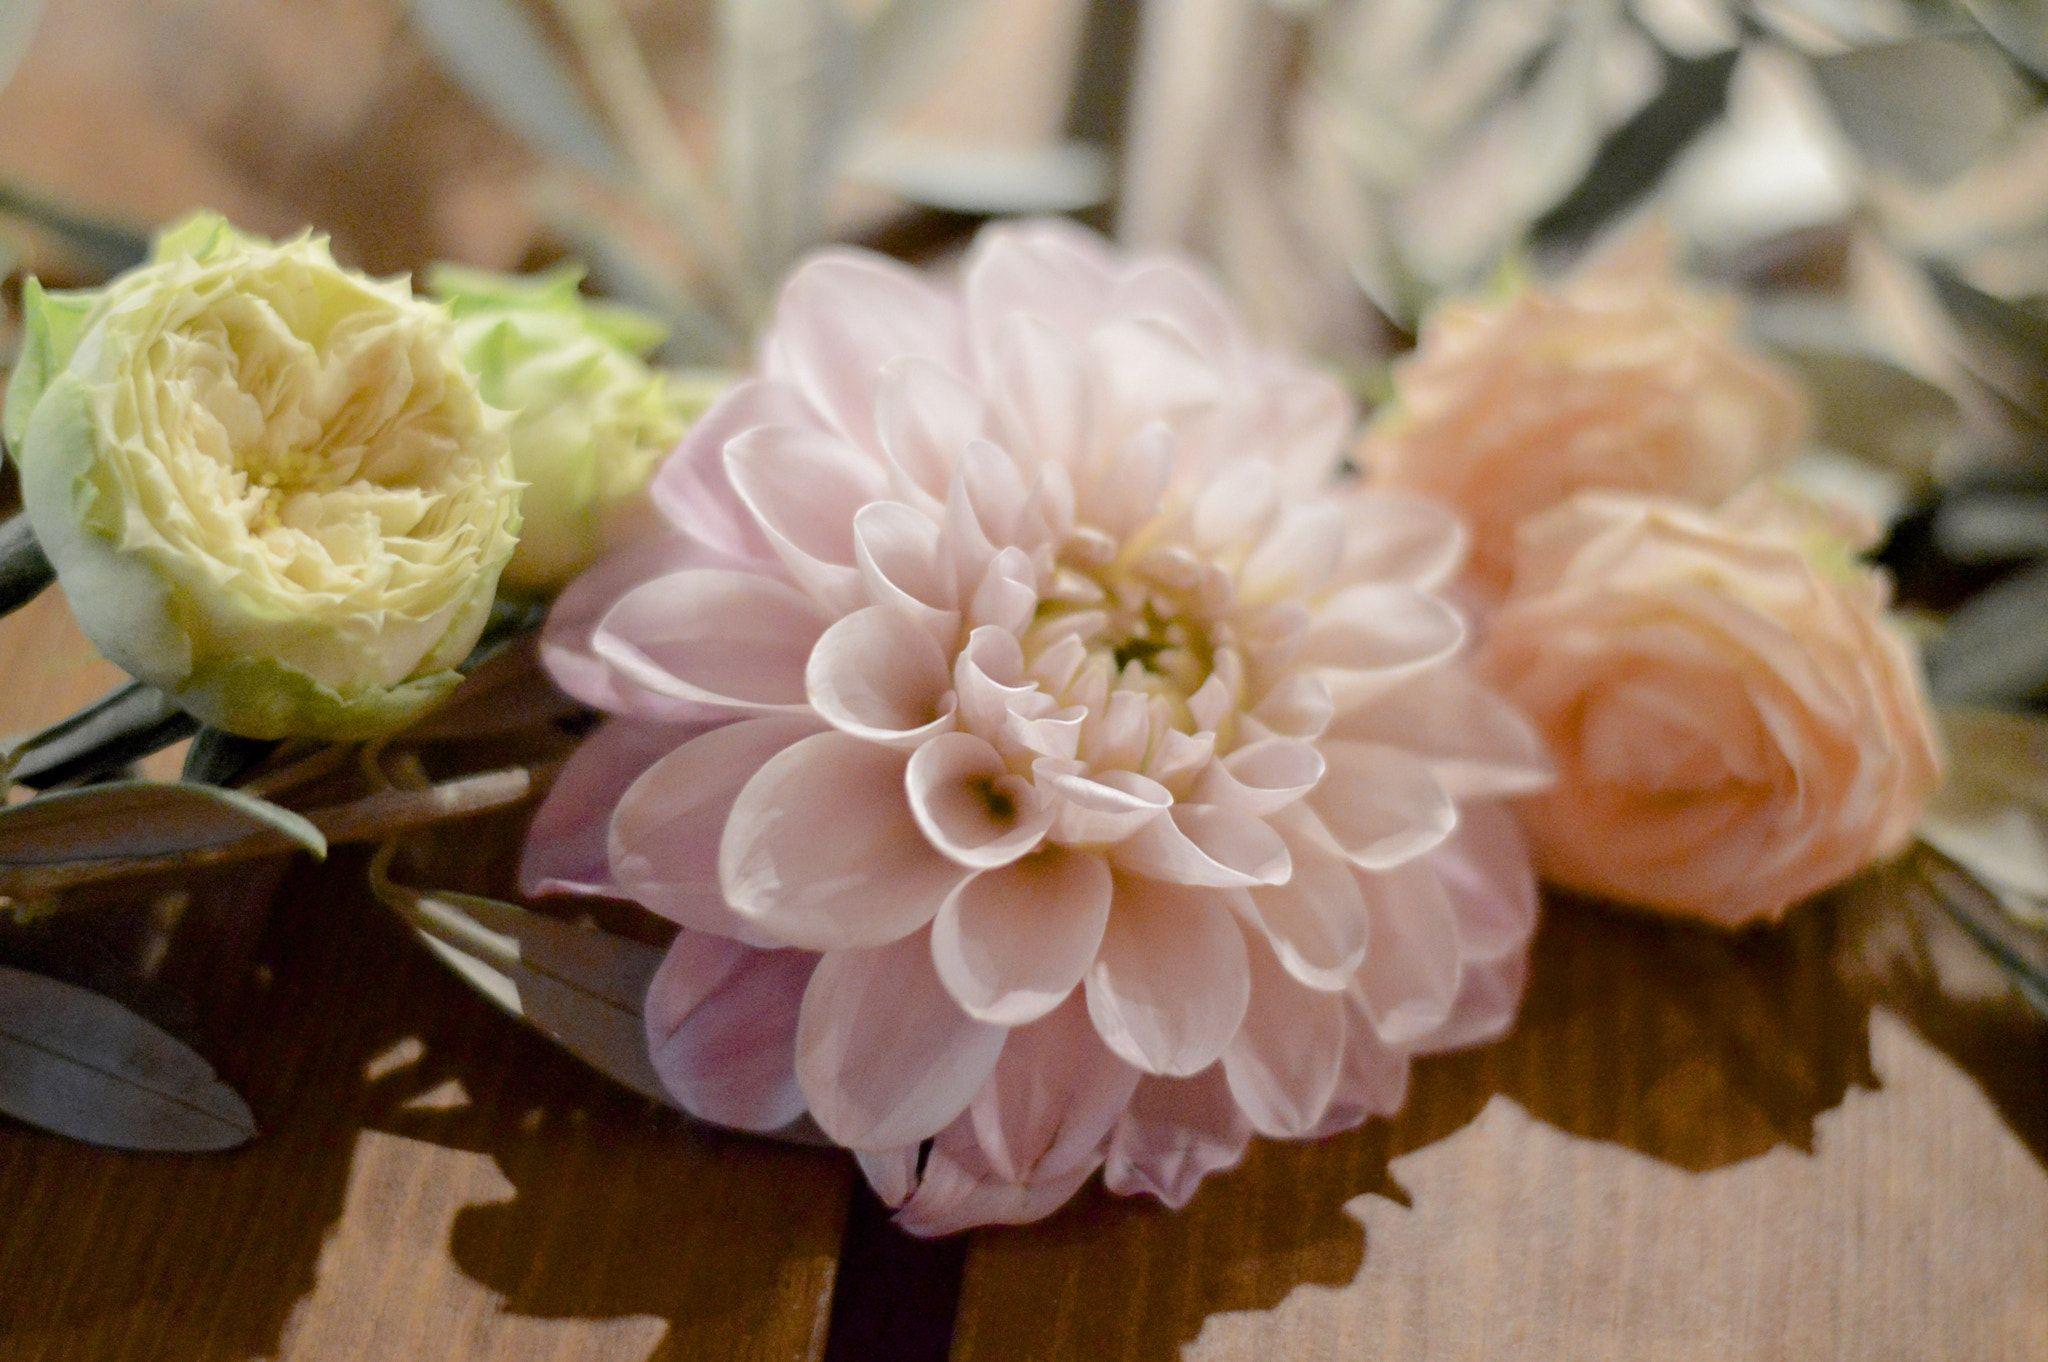 wedding details - Wedding details